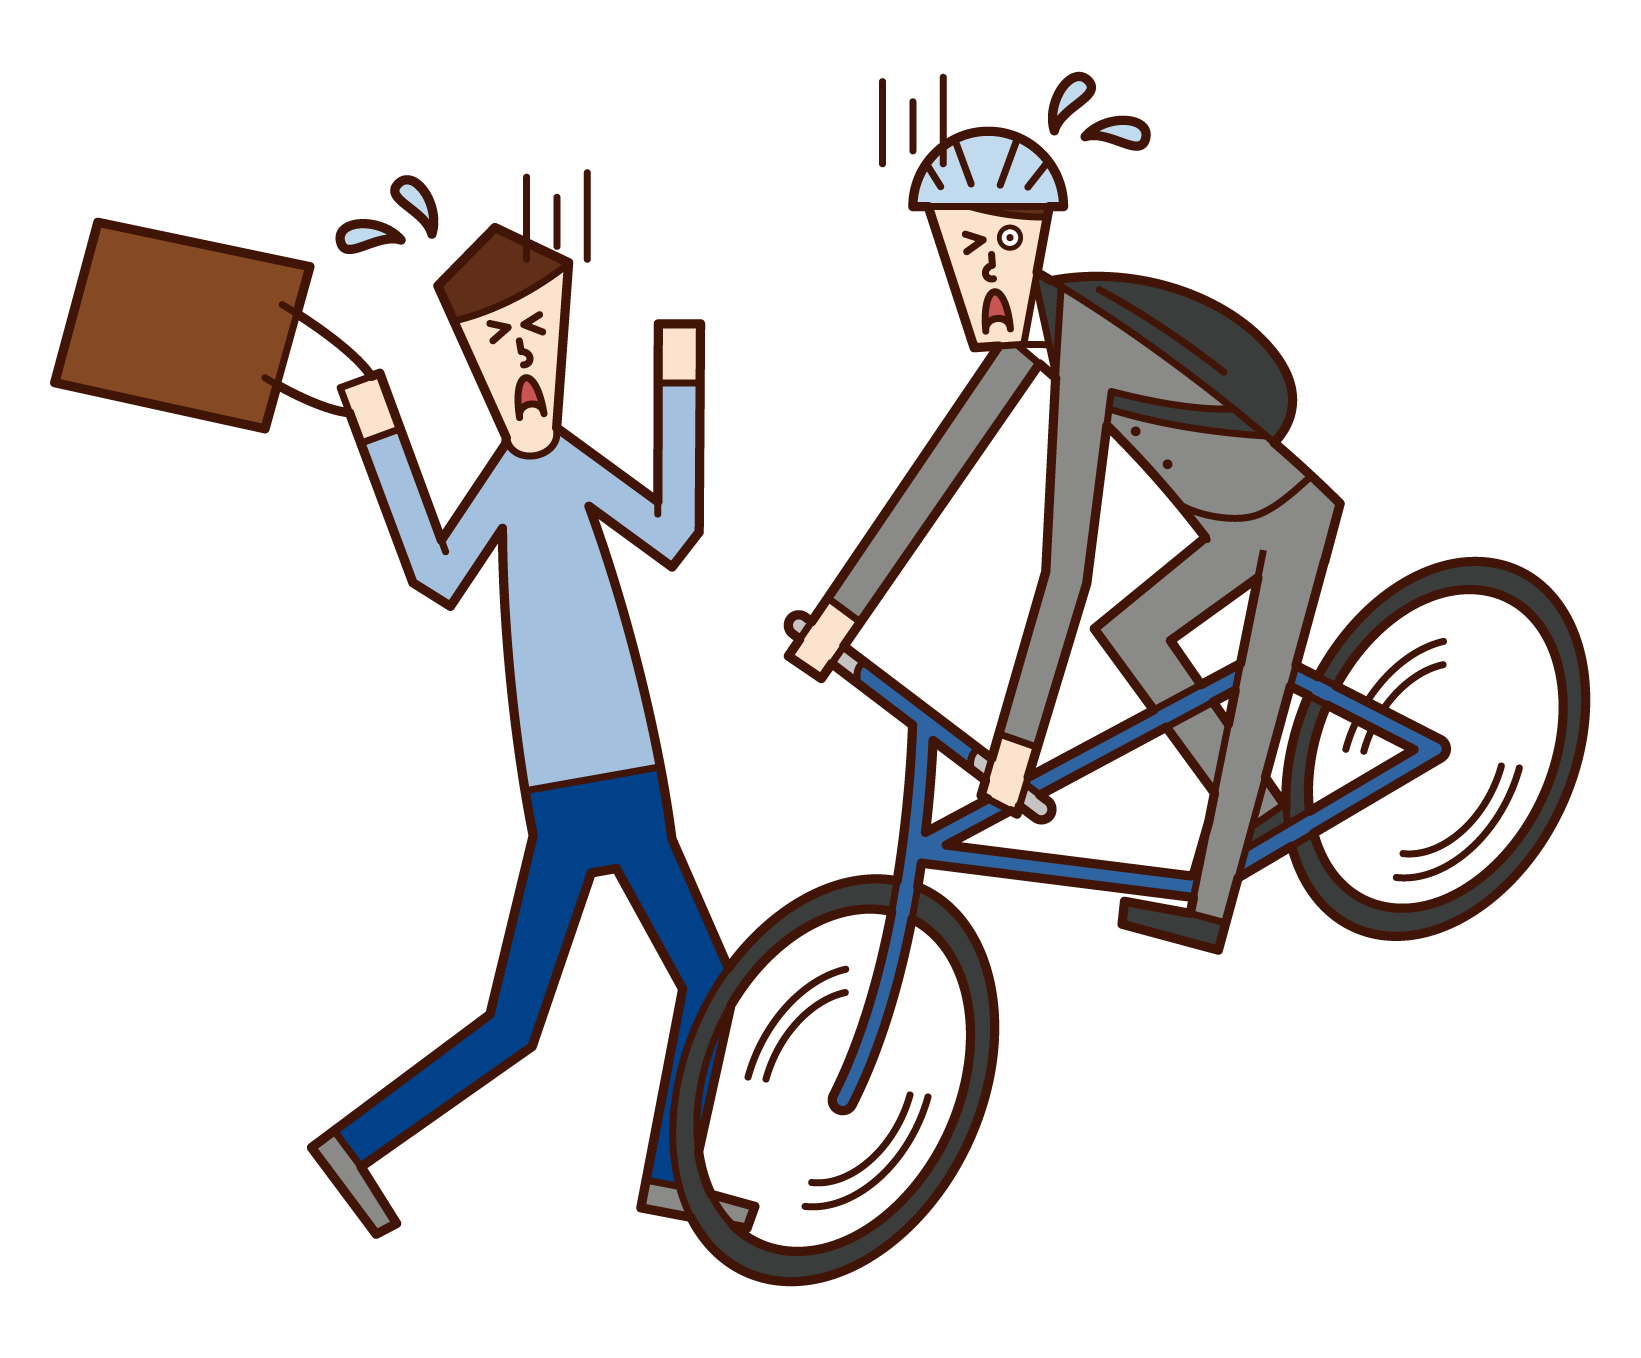 자전거로 충돌하는 사람 (남성)의 그림